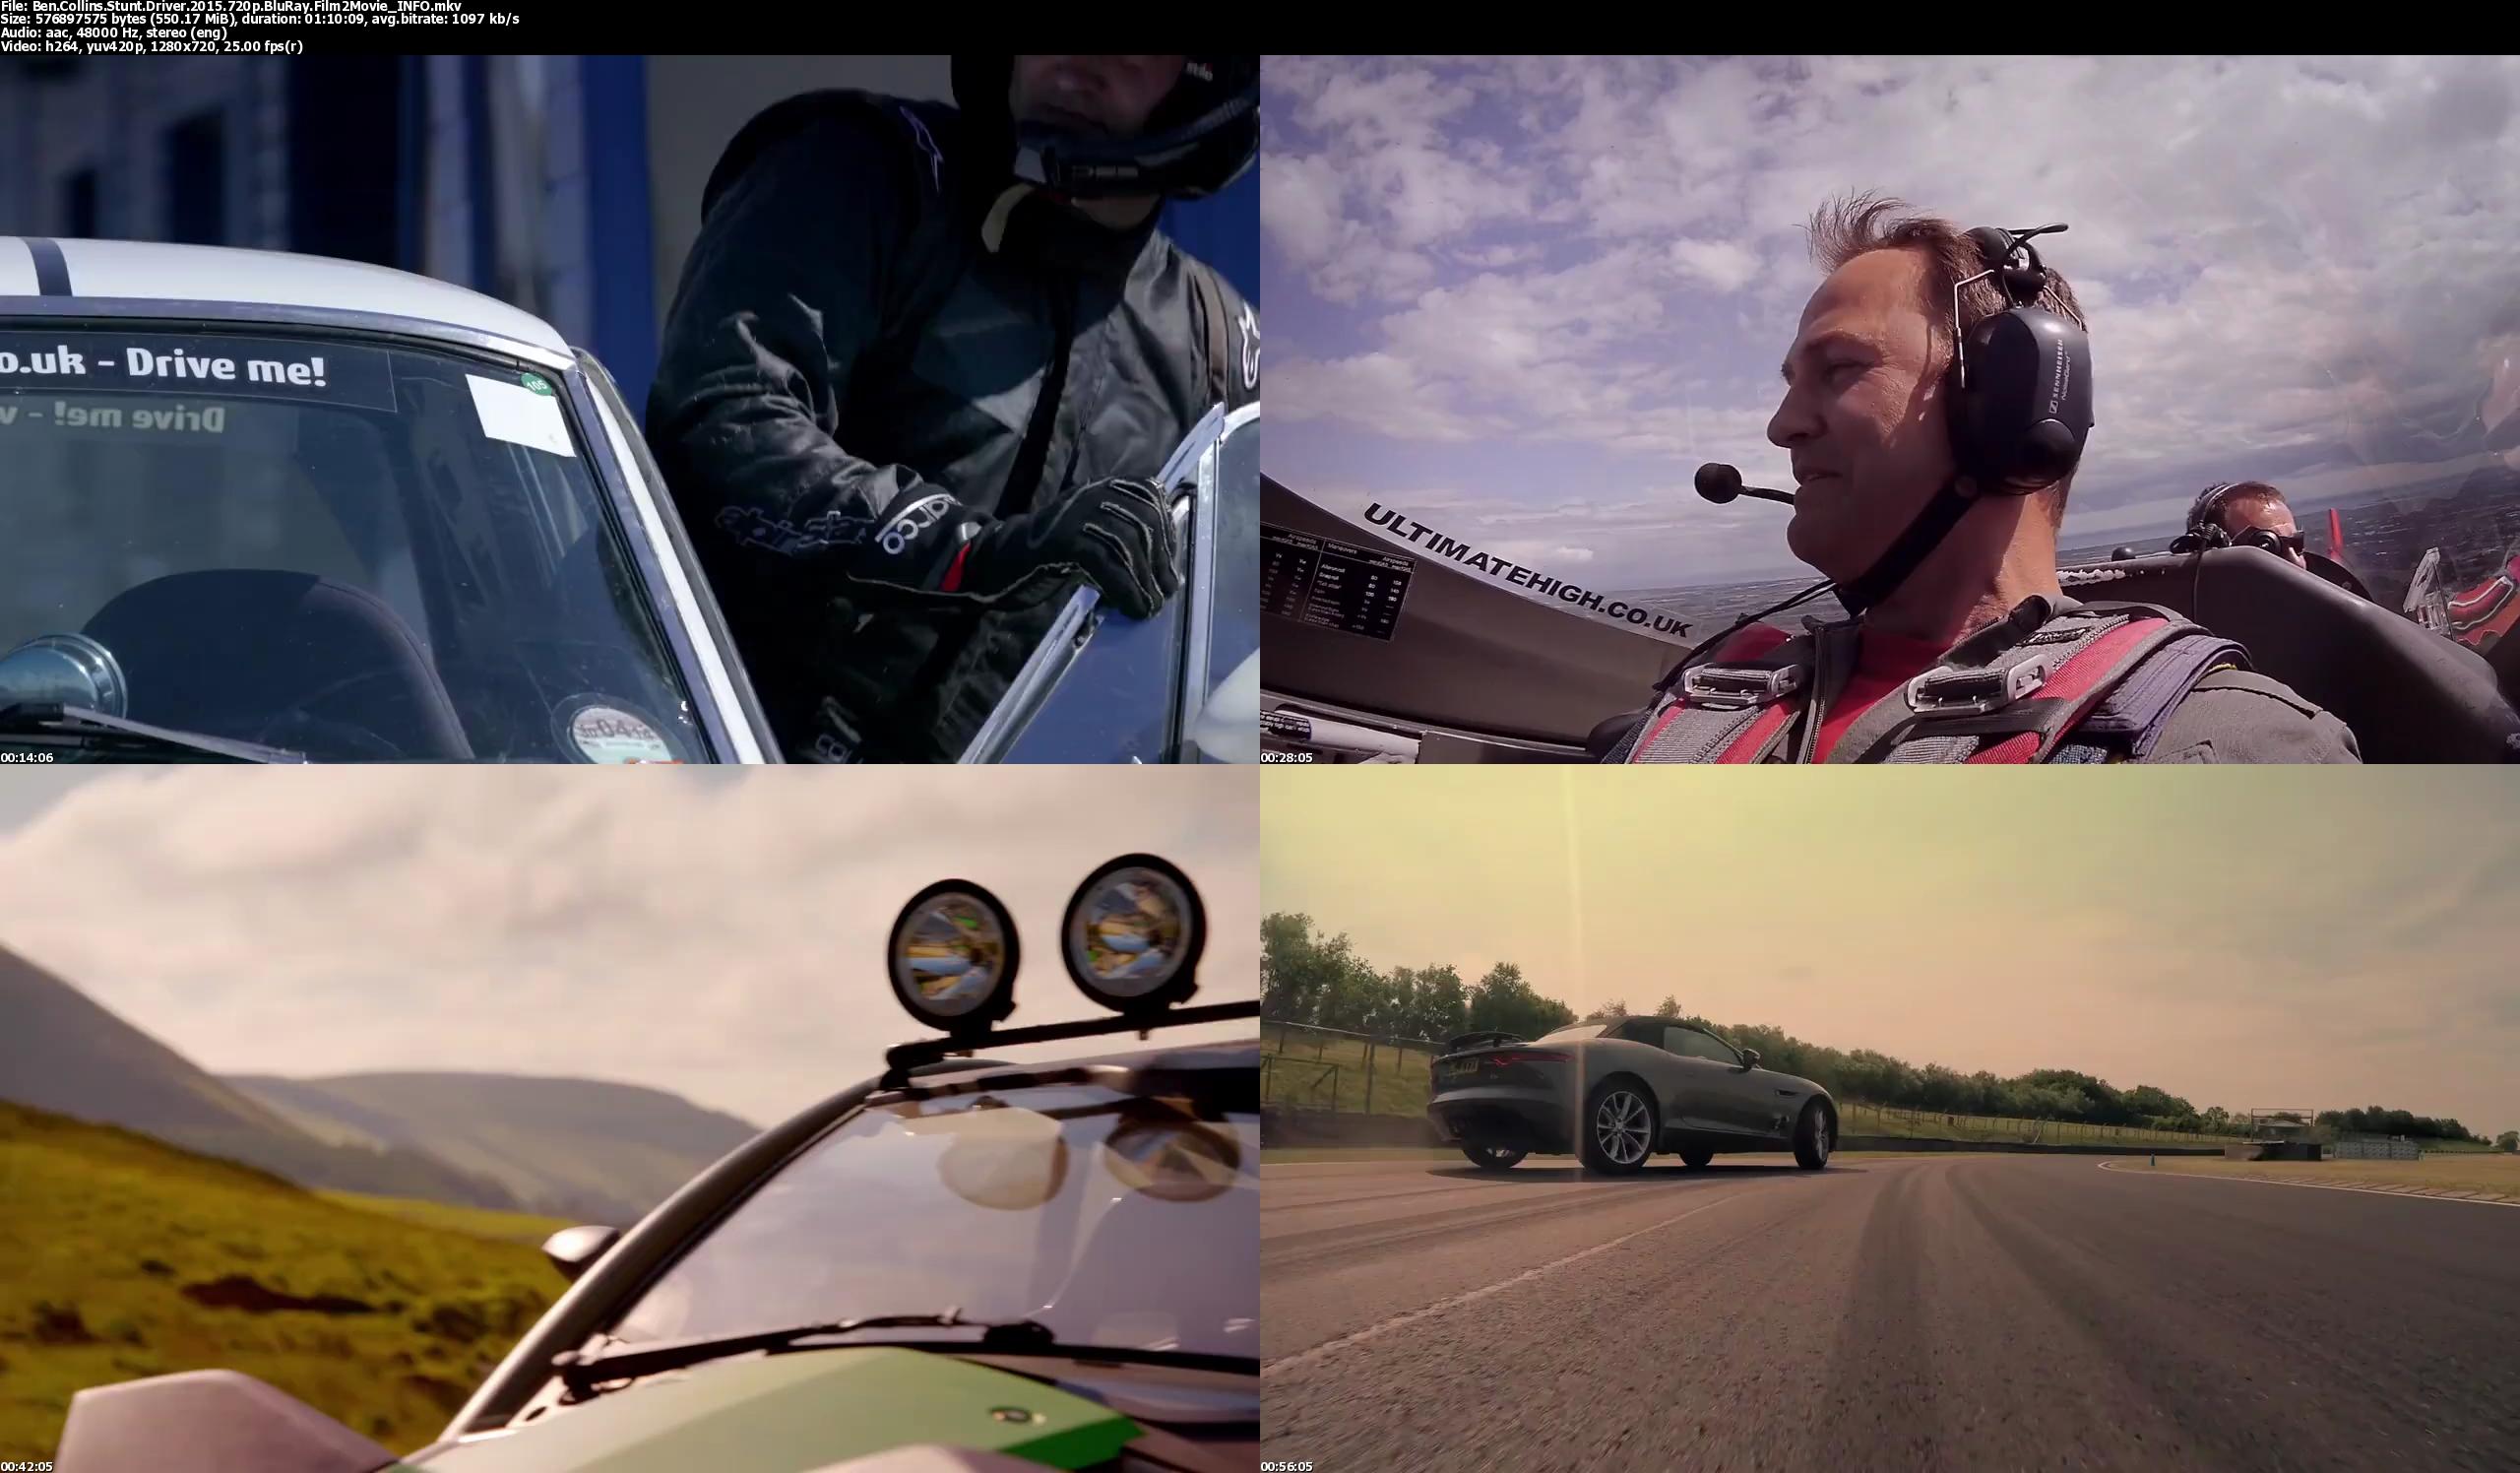 دانلود فیلم ben collins stunt driver 2015 دوبله فارسی